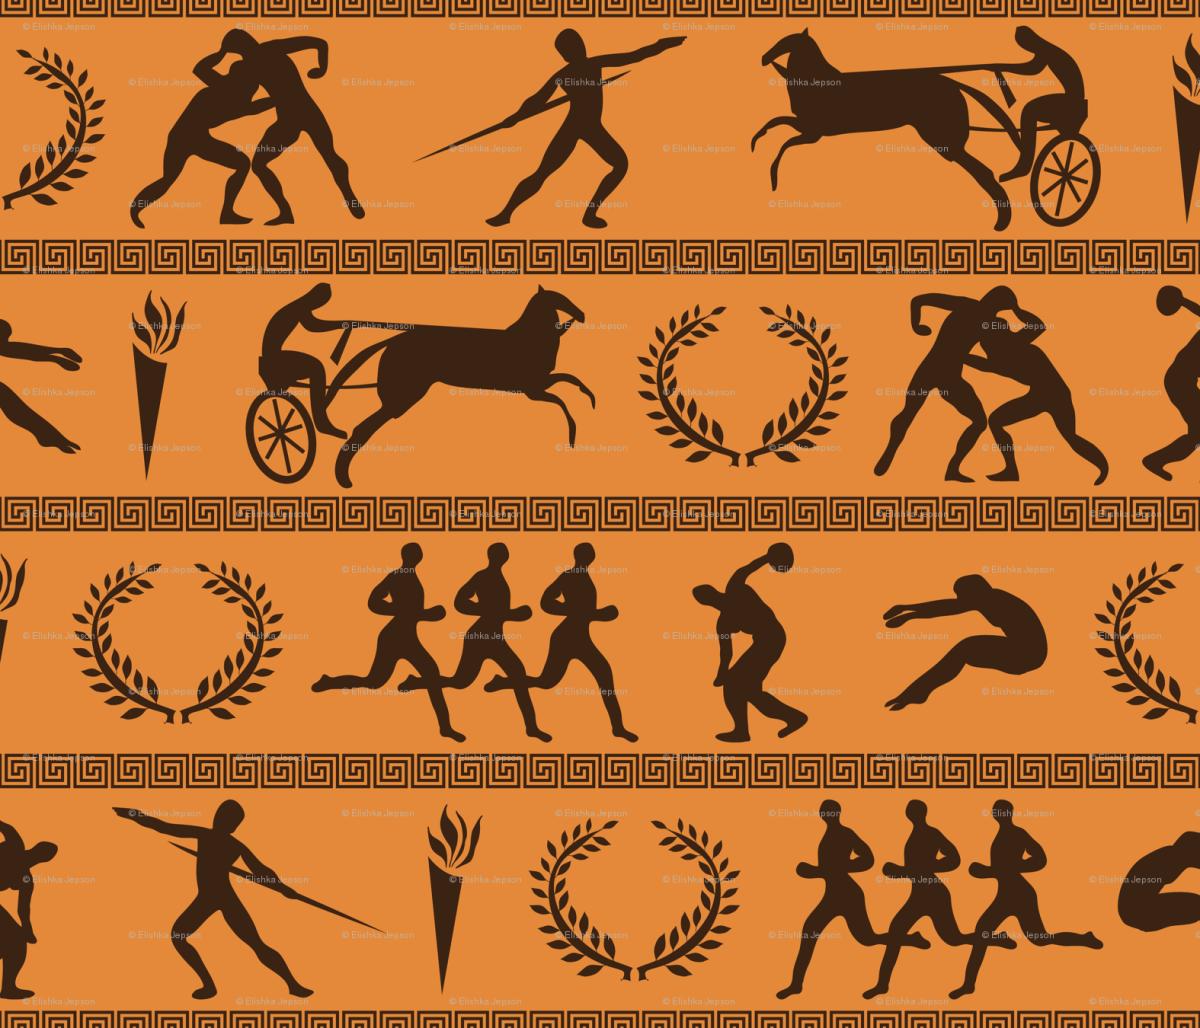 Αρχαία Ελλάδα Ολυμπιακά αγωνίσματα  - Ολυμπιονίκες